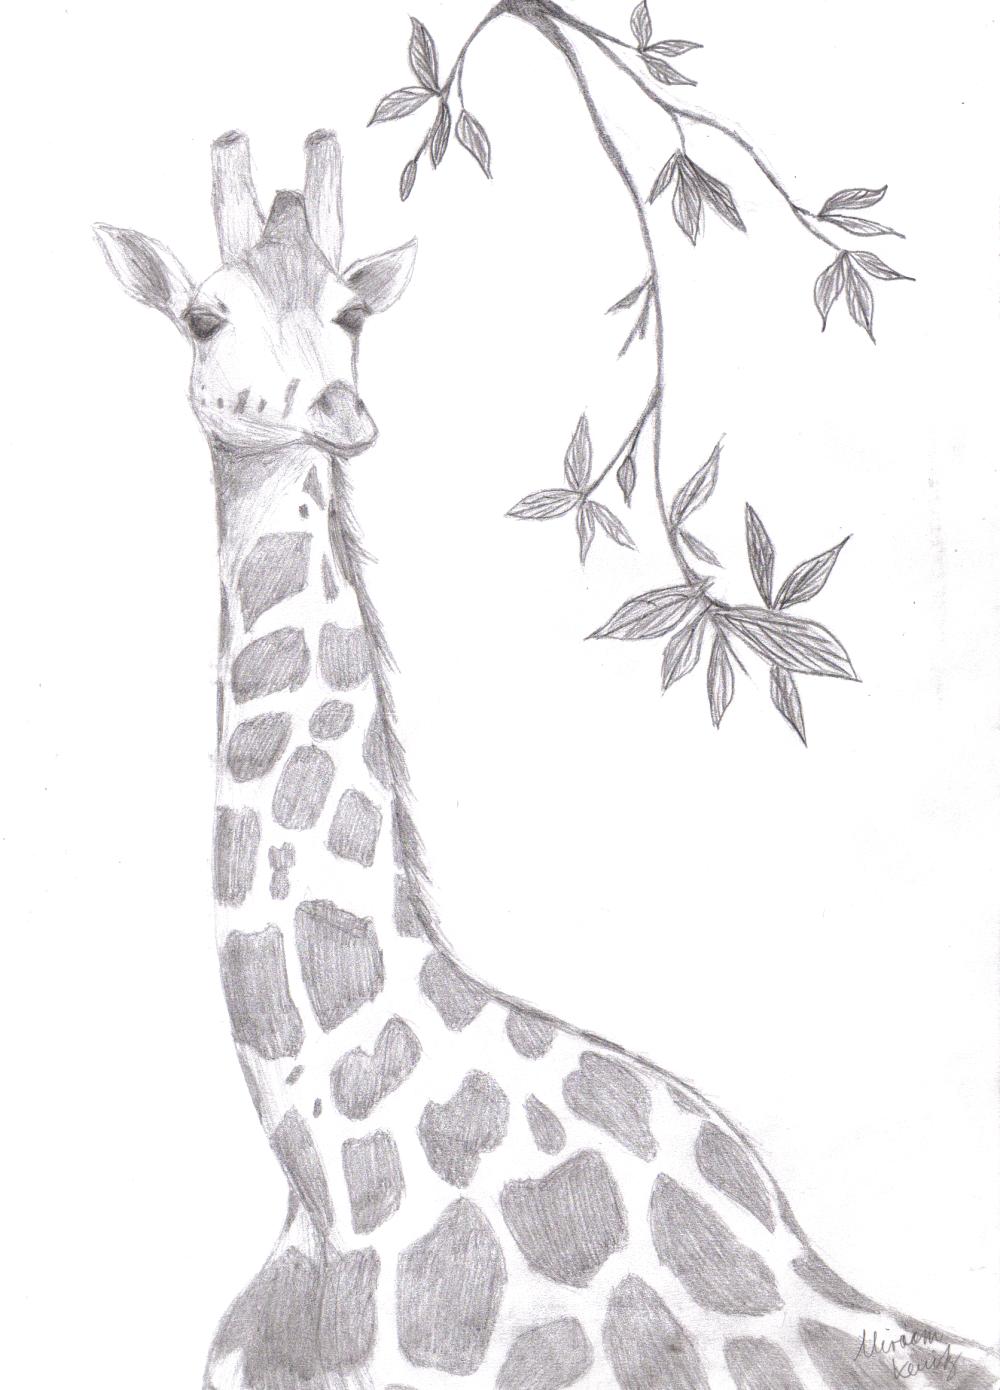 Giraffe - Scanned version